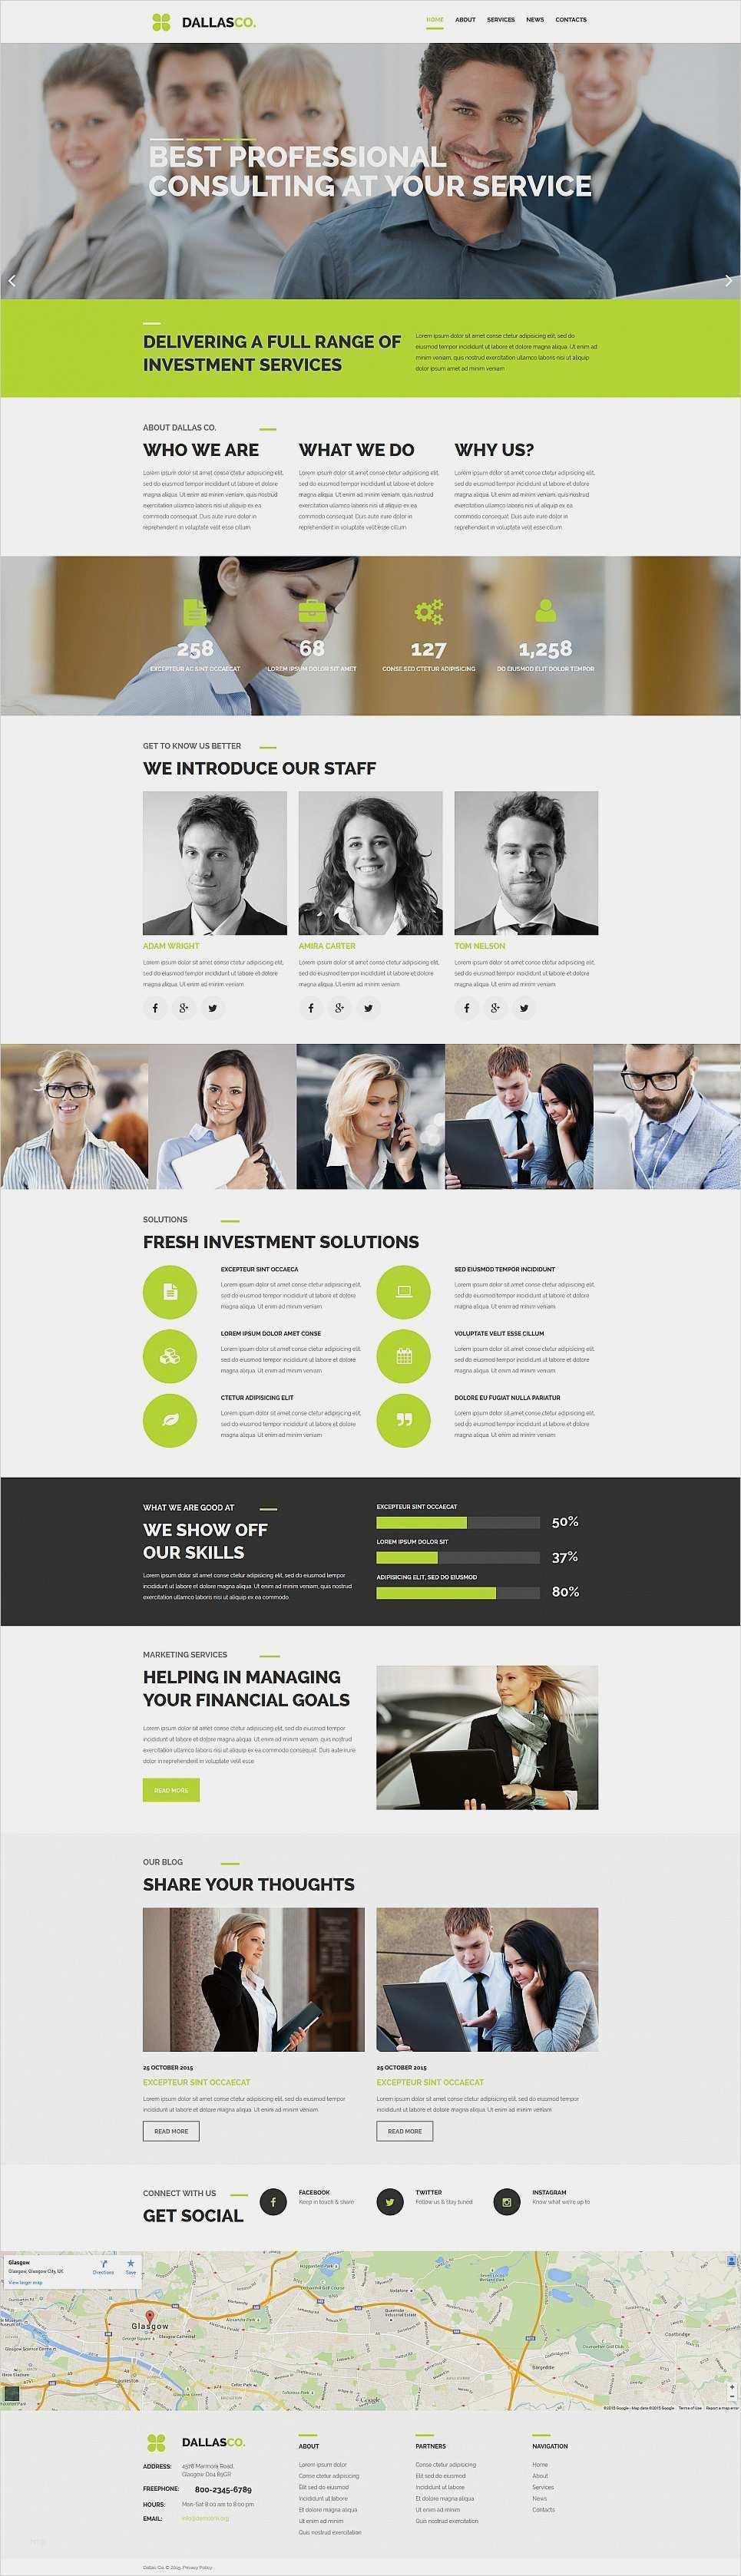 40 Schon Homepage Vorlagen Html Kostenlos Modelle In 2020 Vorlagen Homepage Vorlagen Website Design